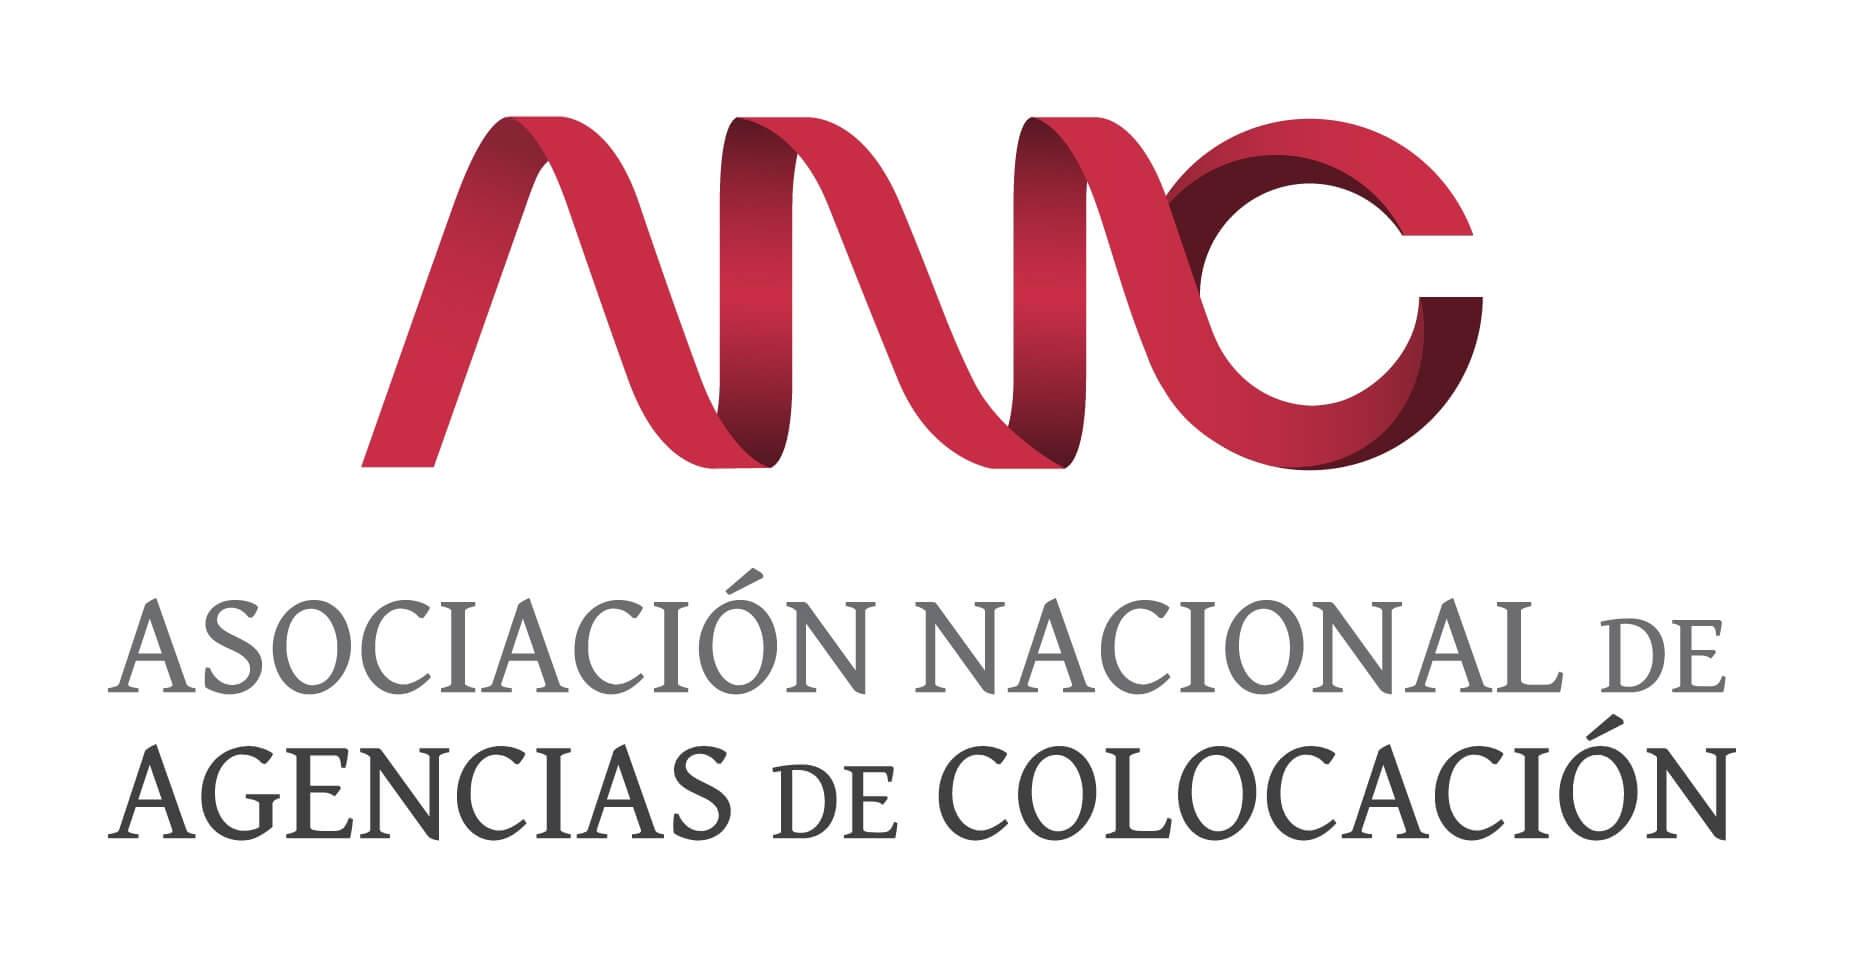 Asociación Nacional de Agencias de Colocación